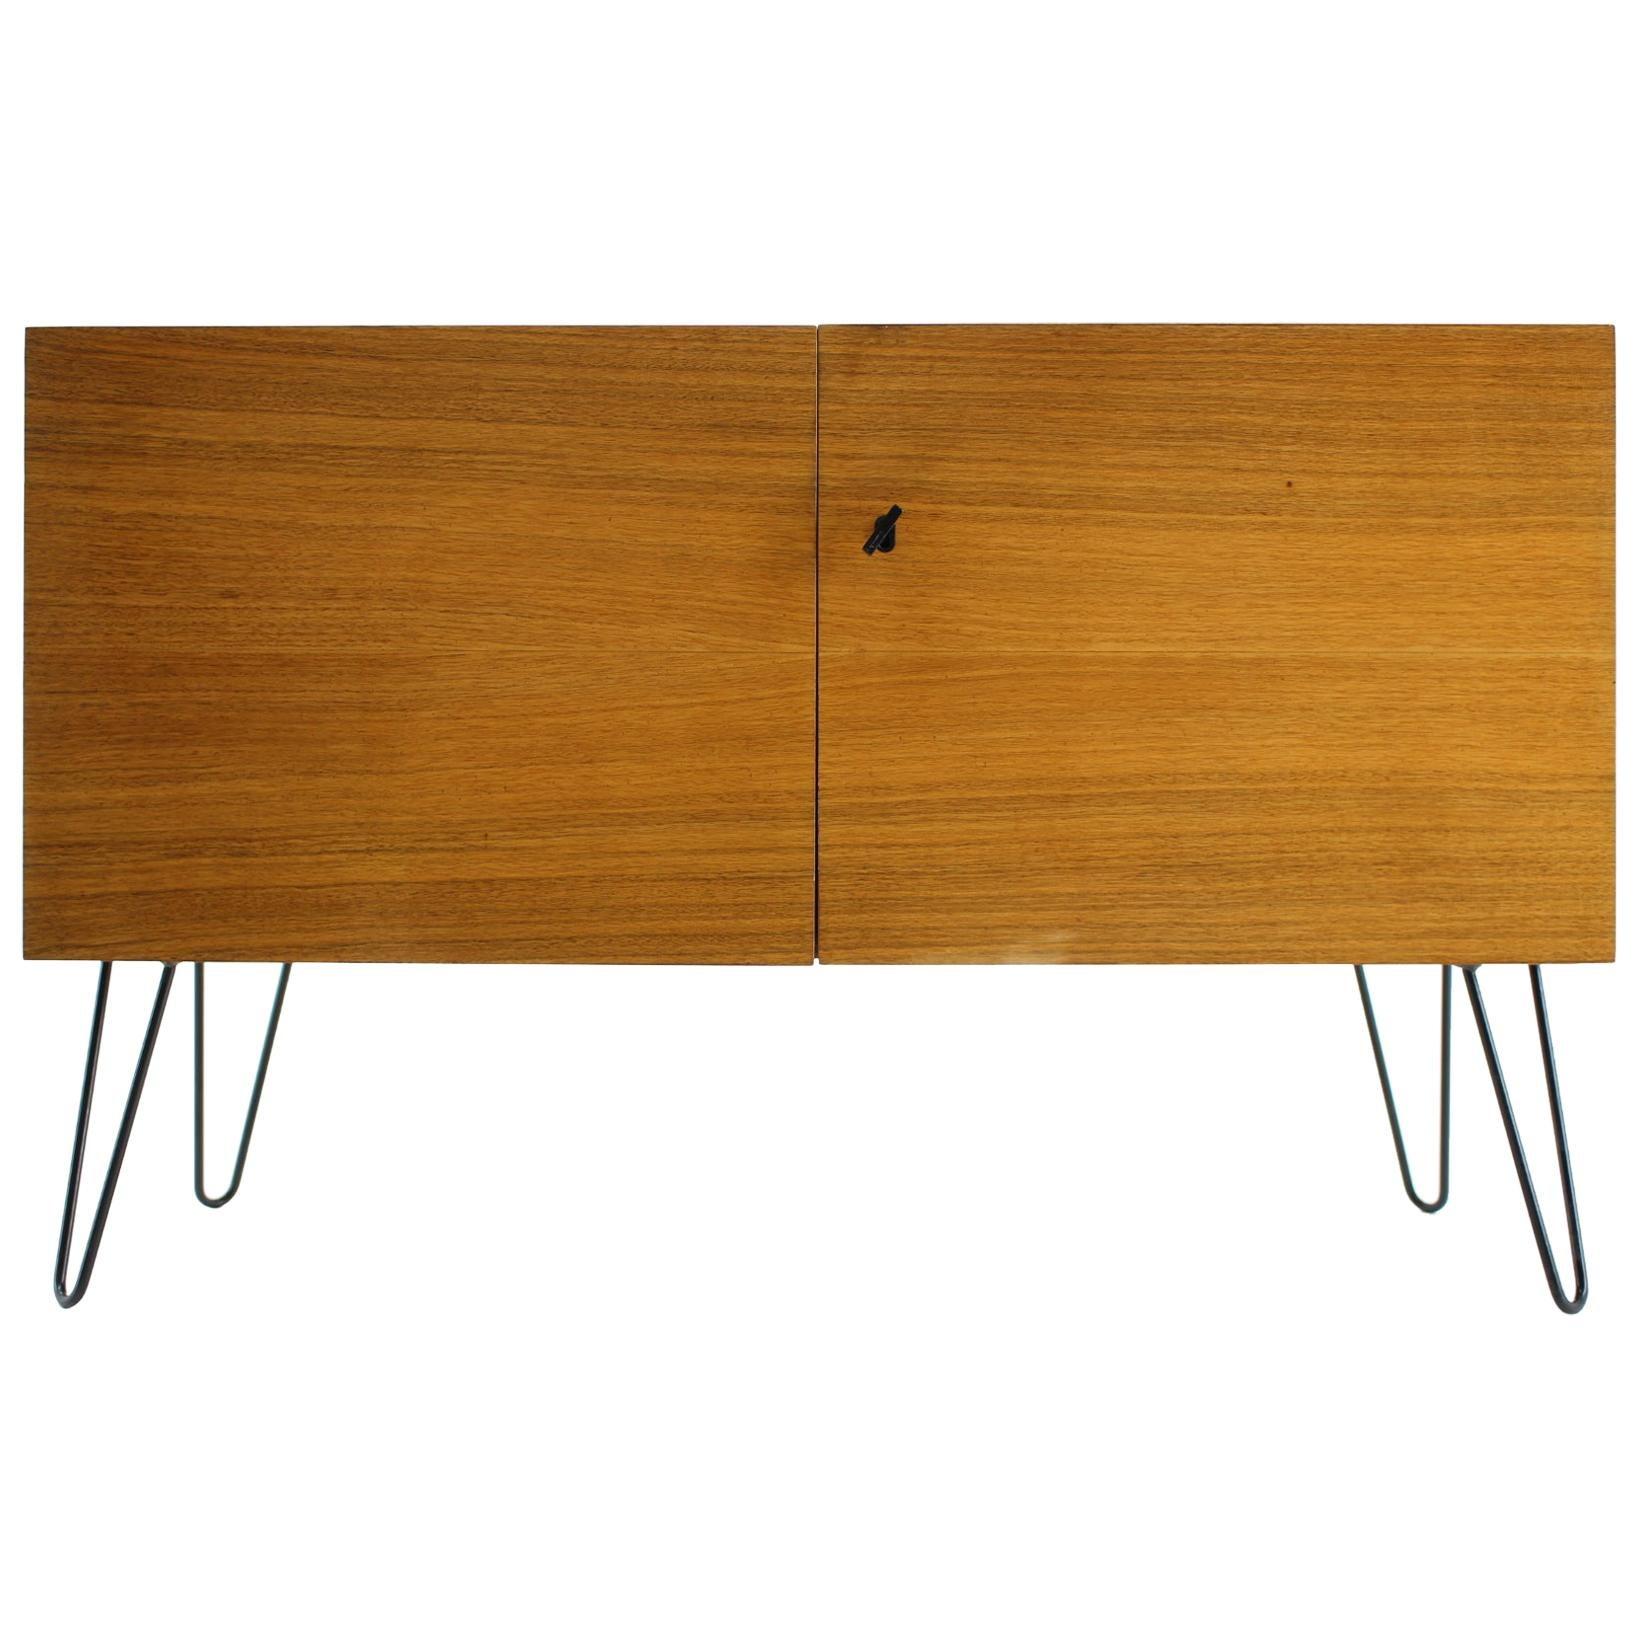 Midcentury Design Teak Sideboard by SEM, Switzerland, 1960s